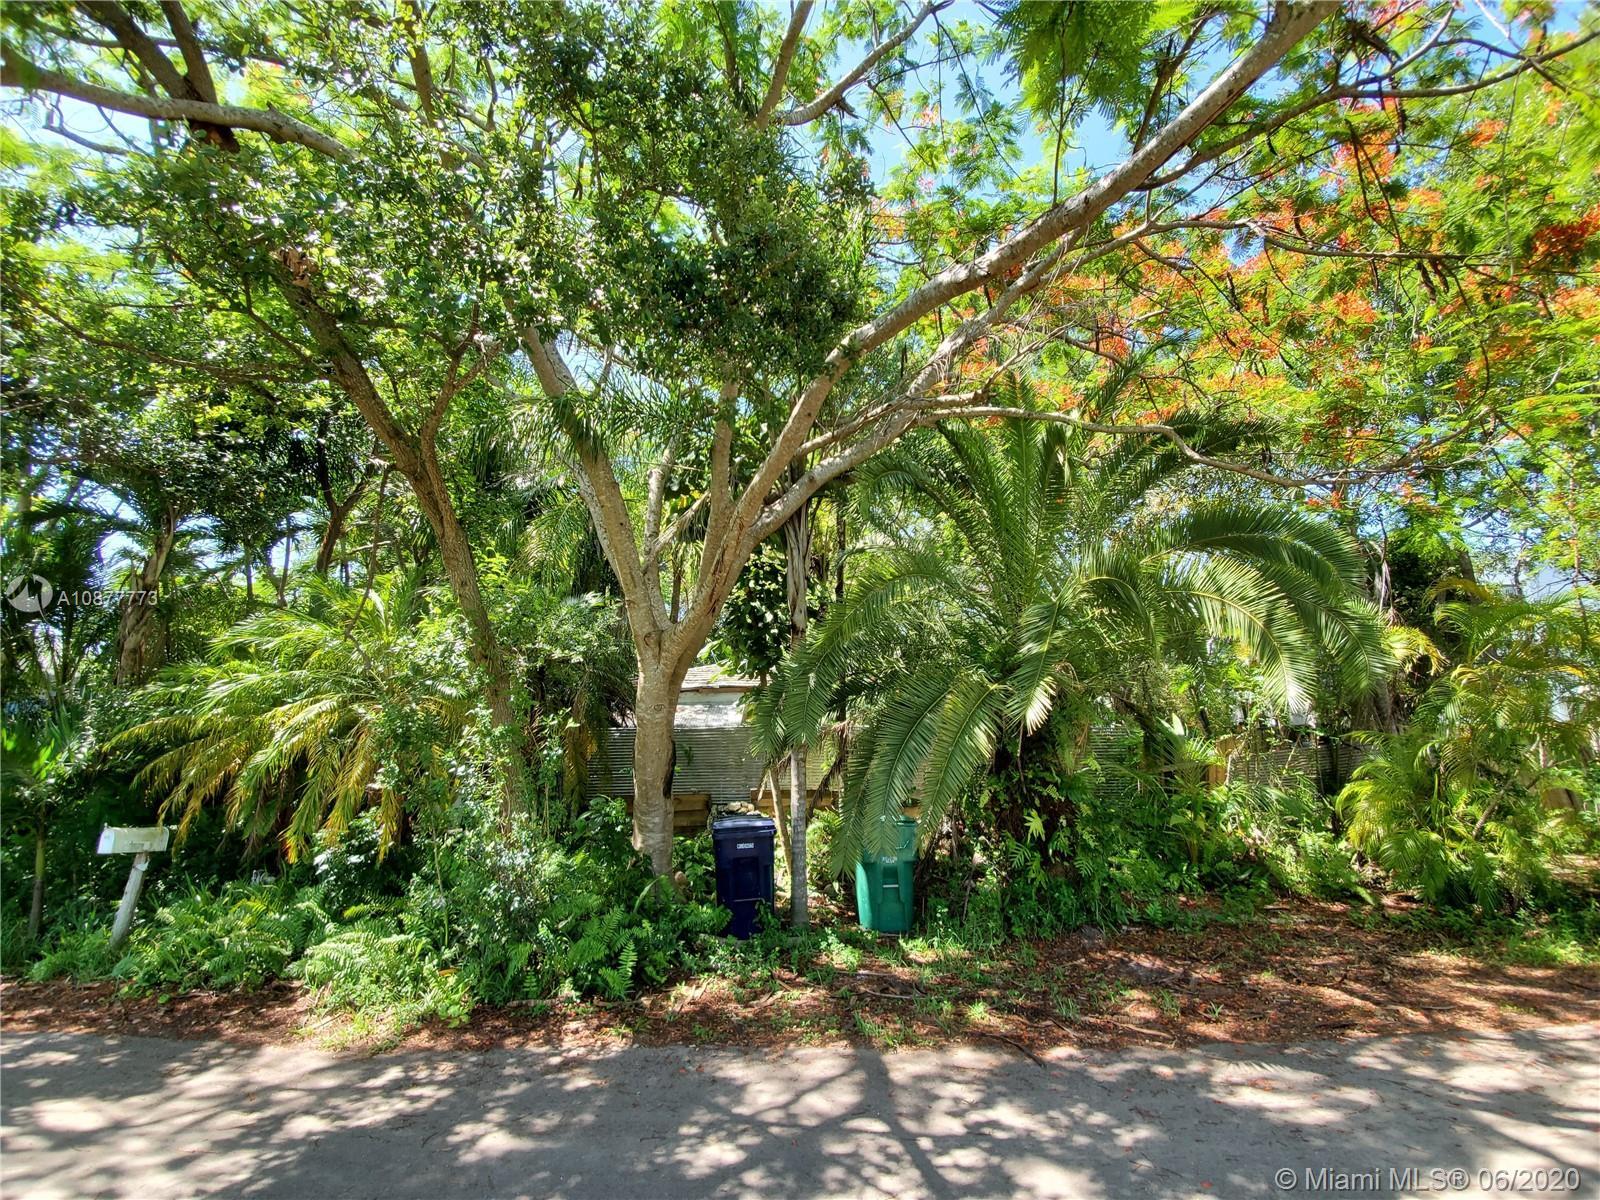 South Miami # - 04 - photo